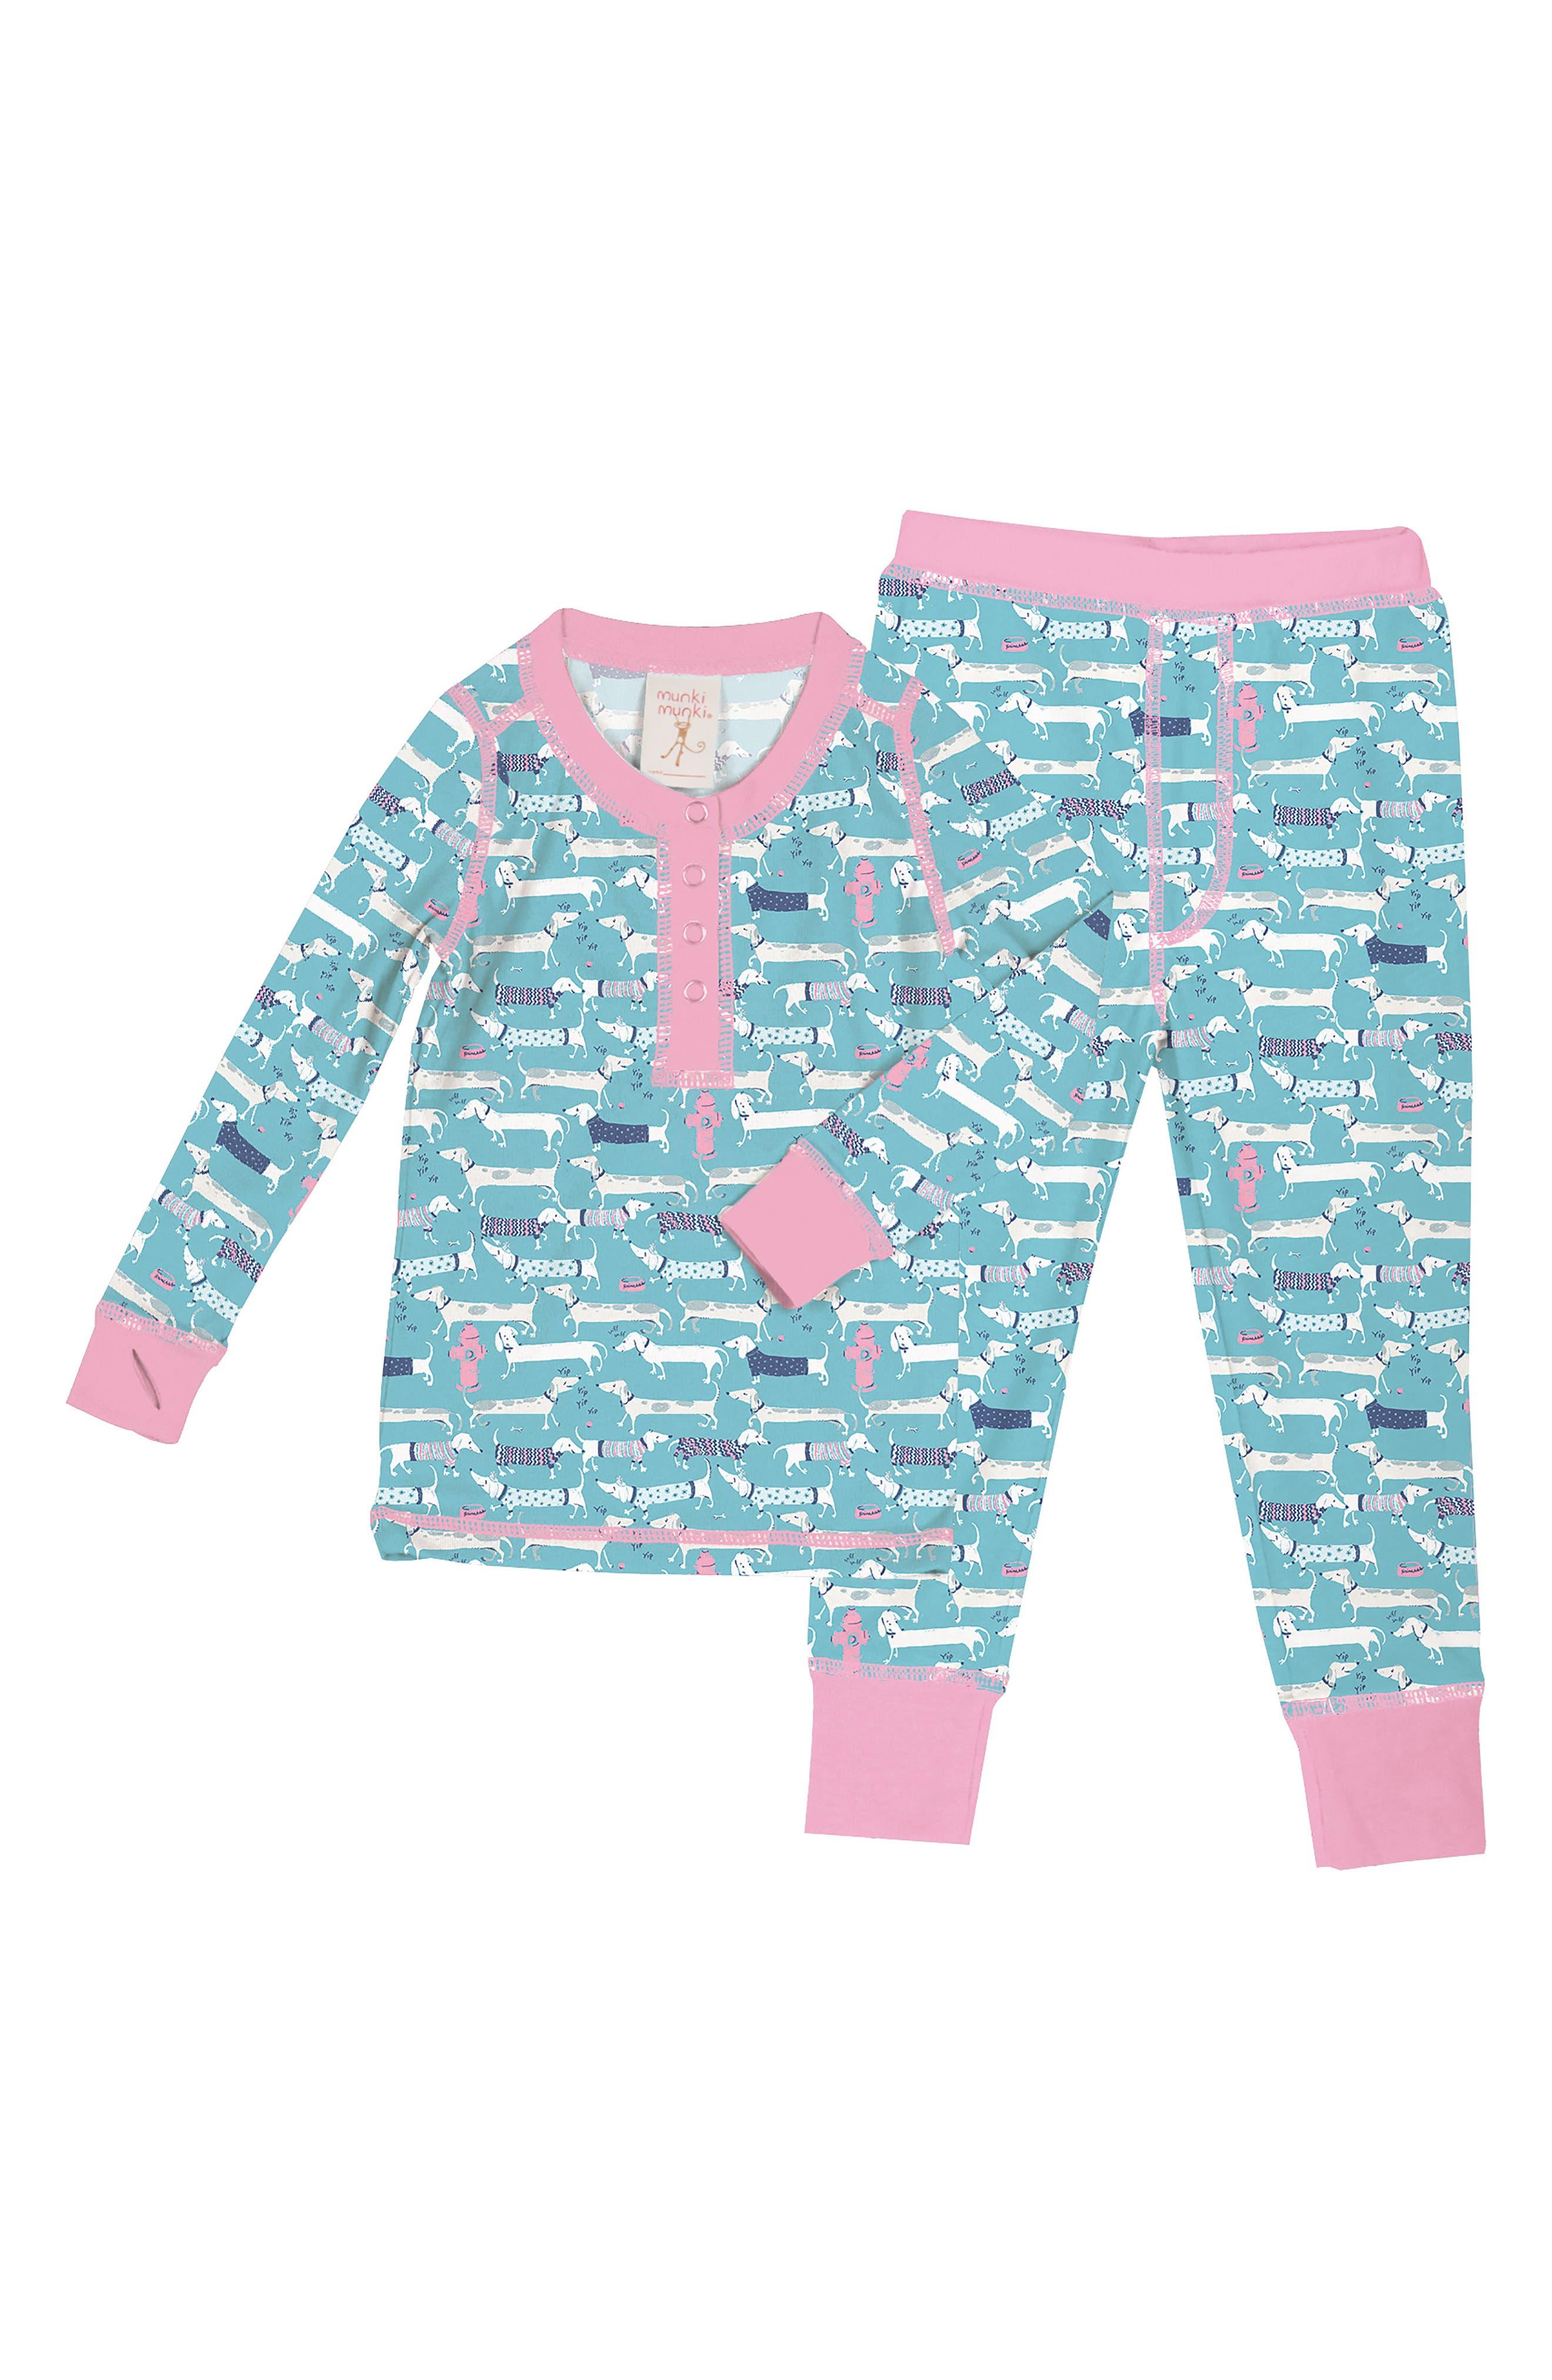 Toddler Girls Munki Munki Sweater Dogs Fitted TwoPiece Pajamas Size 2  Blue